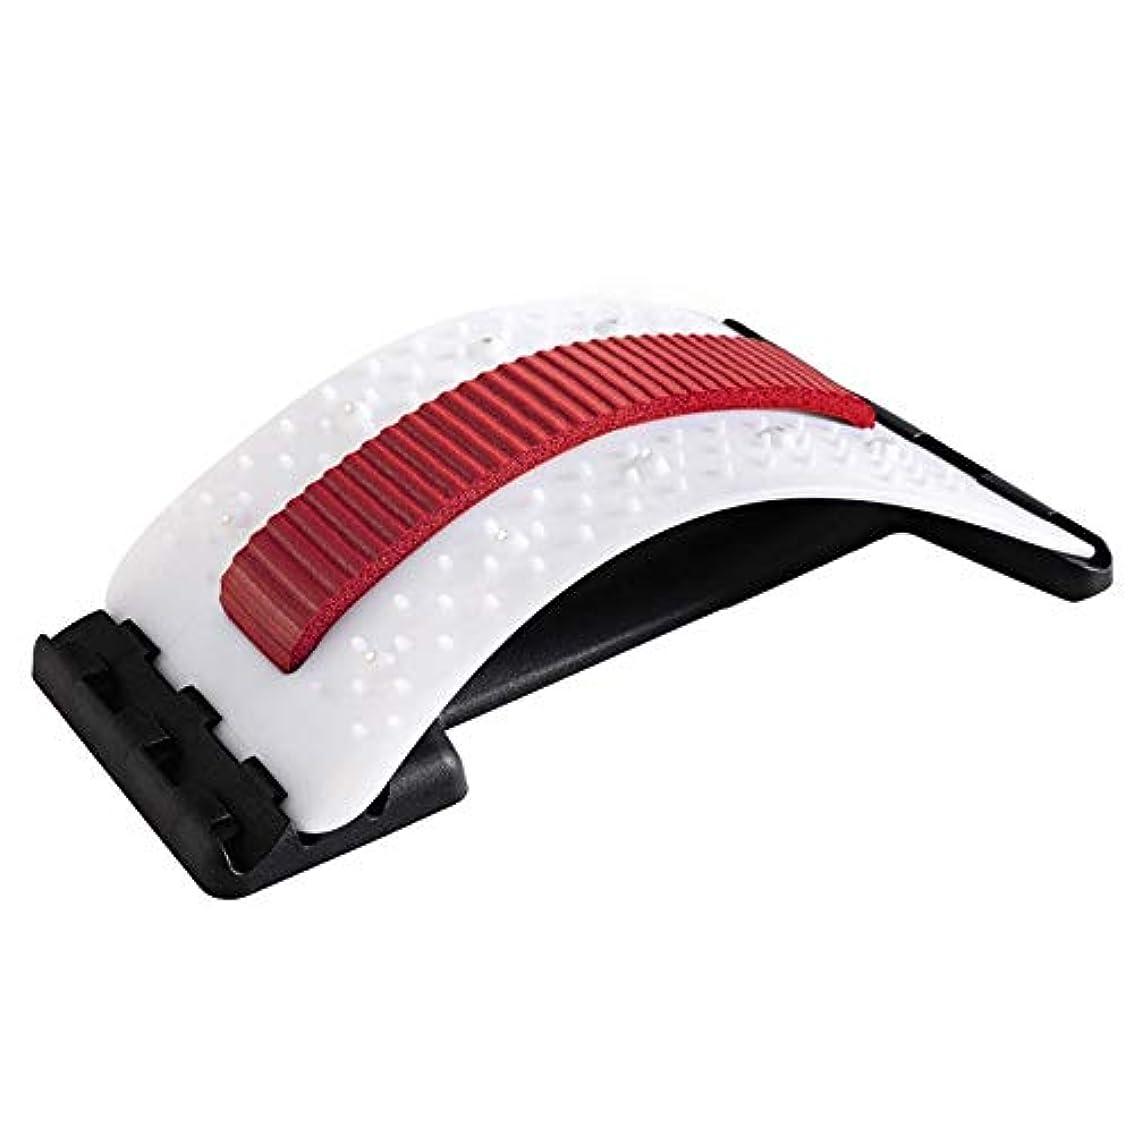 可動式溶接嘆く背中バキバキ バック ストレッチャー 家庭用 バックオフィスチェアのサポート態勢マッサージャーストレッチャー、バックマジック背もたれ低い腰の痛み鍼戻ります (Color : Red and white)